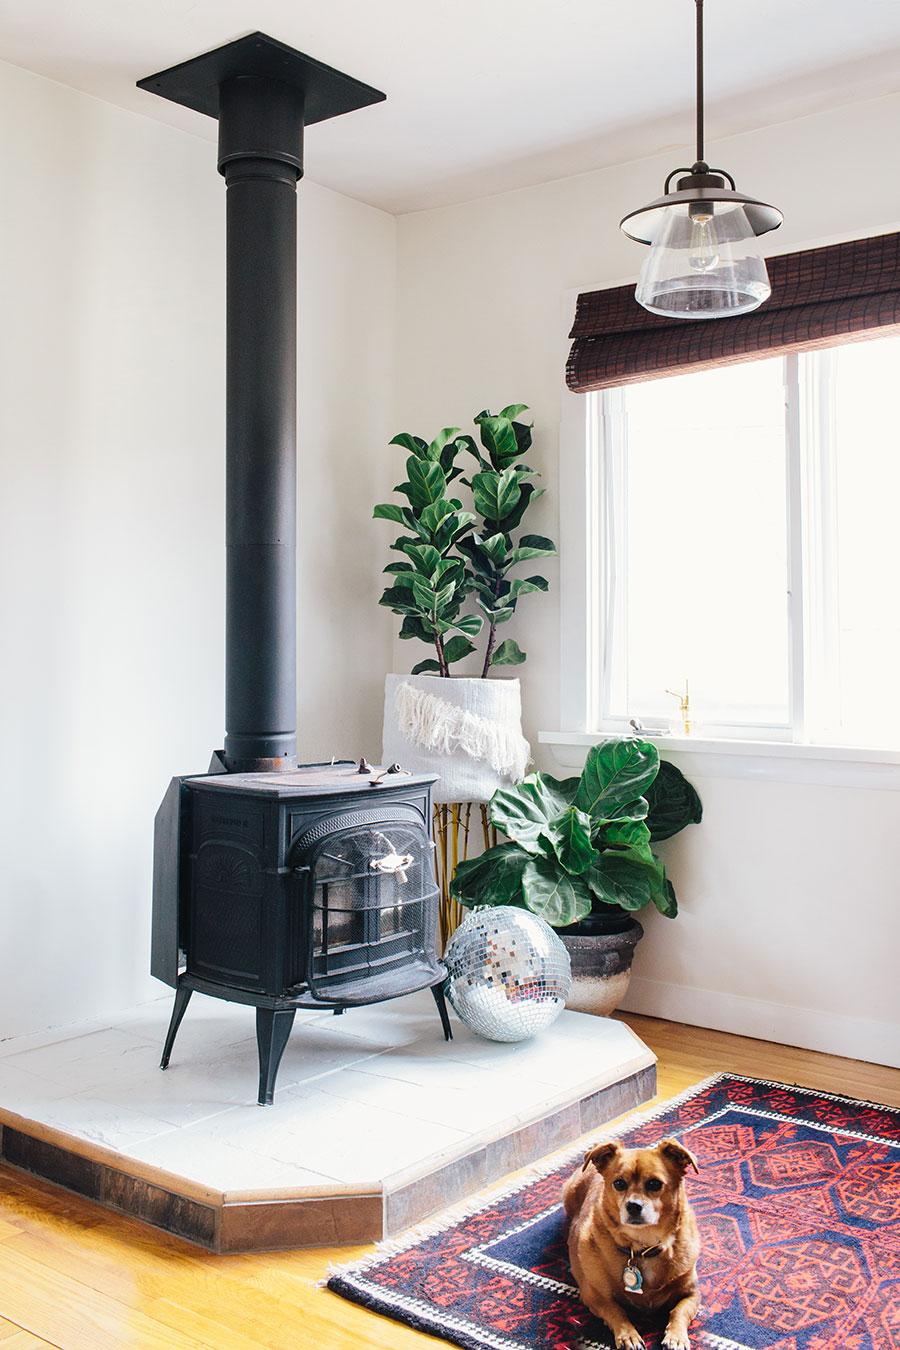 #farmhousedialfano home design by Boston based designer mStarr design